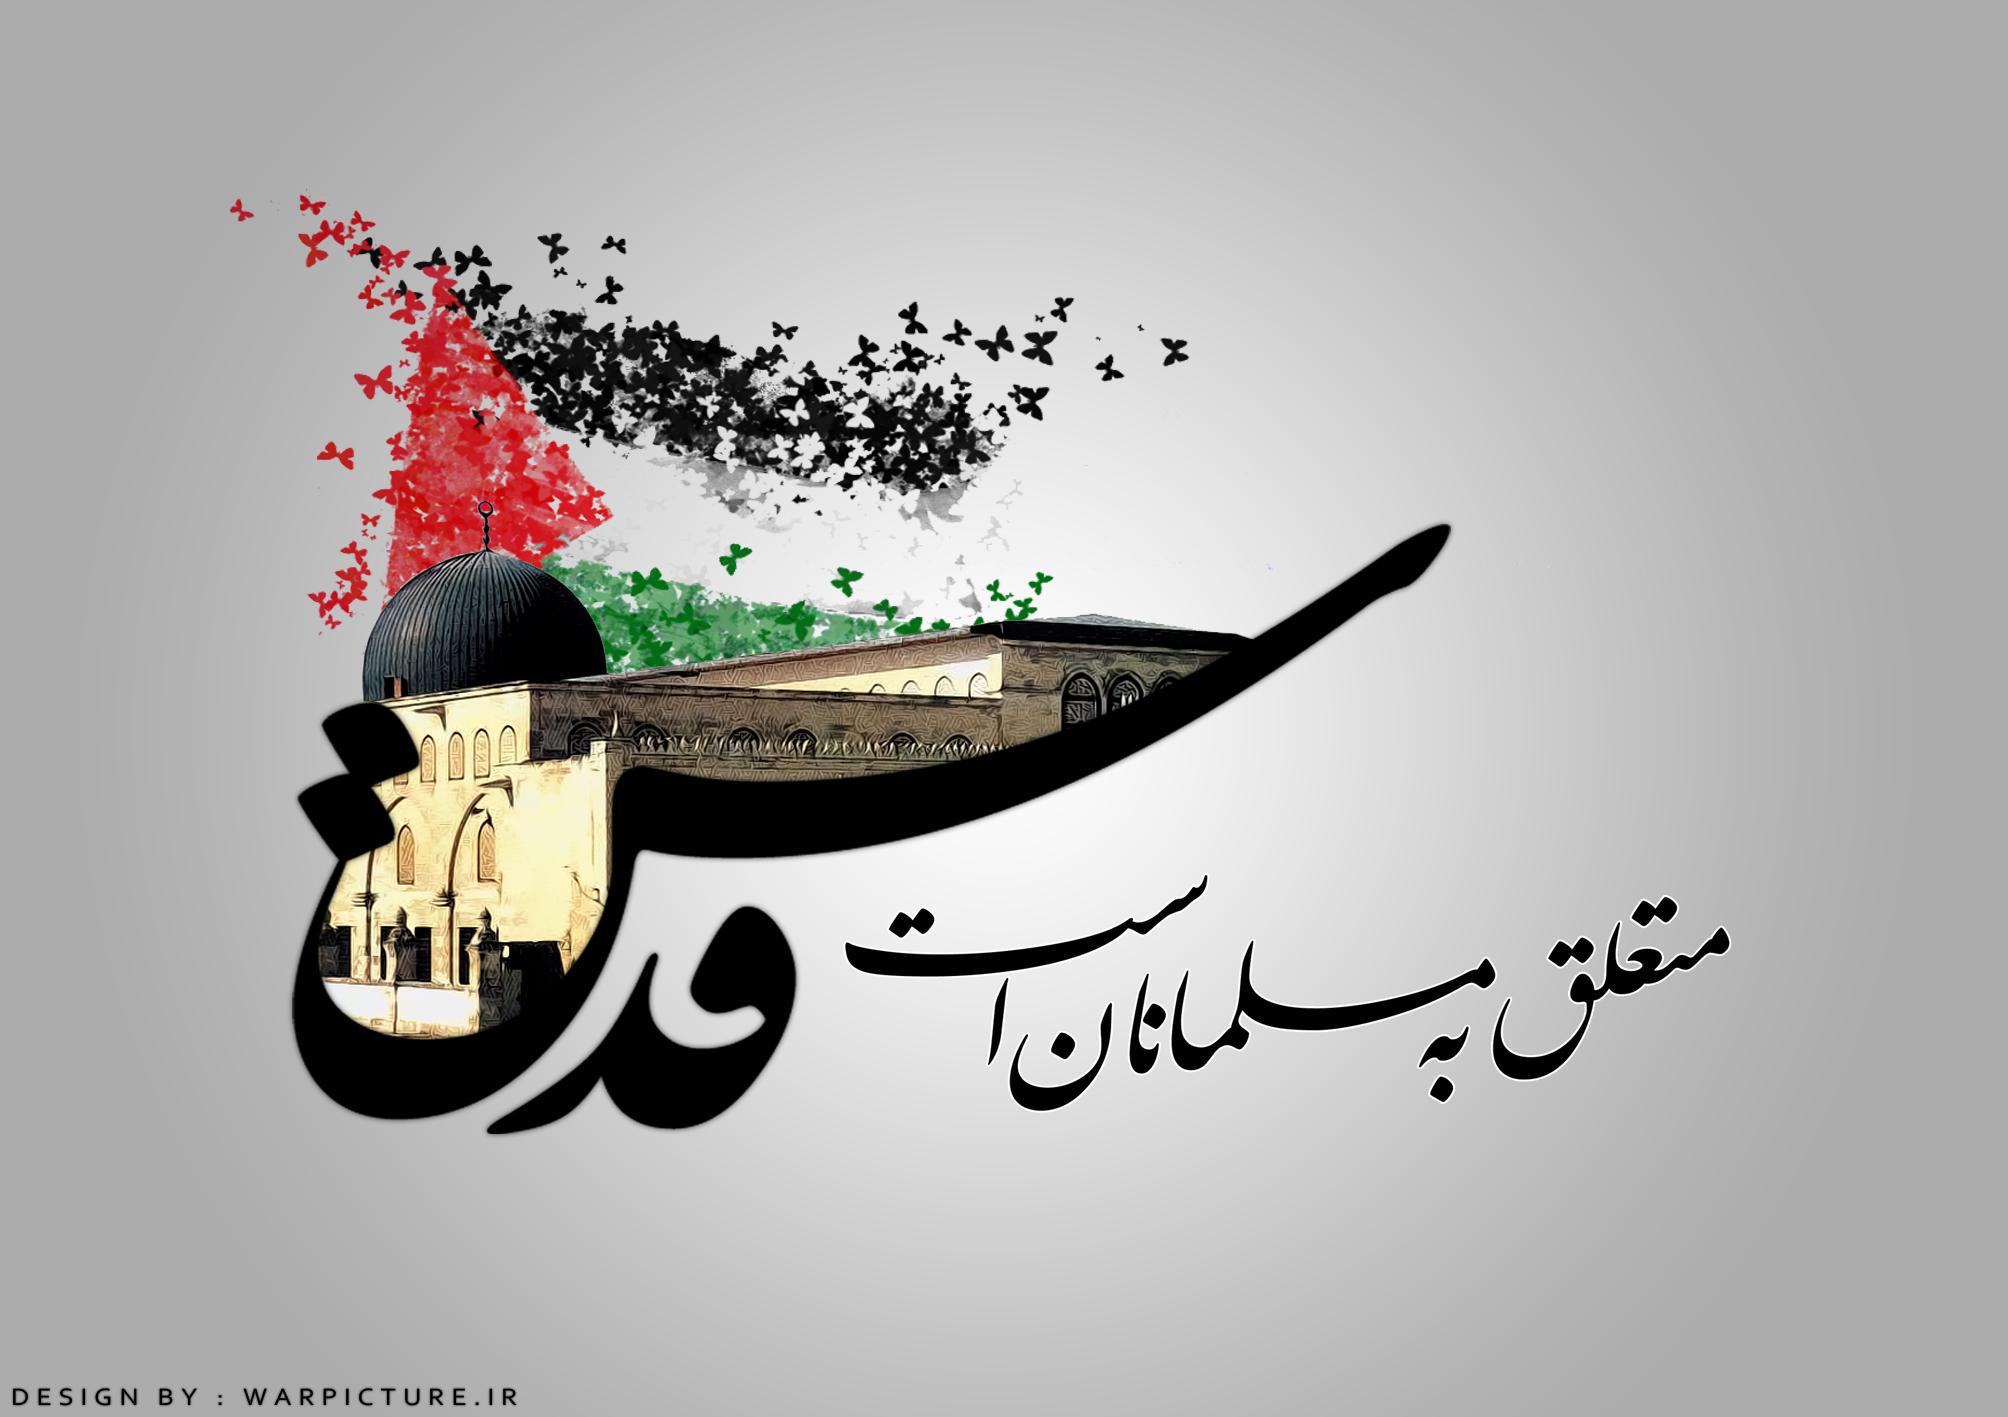 قلب ما همیشه با مردم فلسطین است / شعار مرگ بر آمریکا و مرگ بر اسرائیل را هیچگاه فراموش نمی کنیم